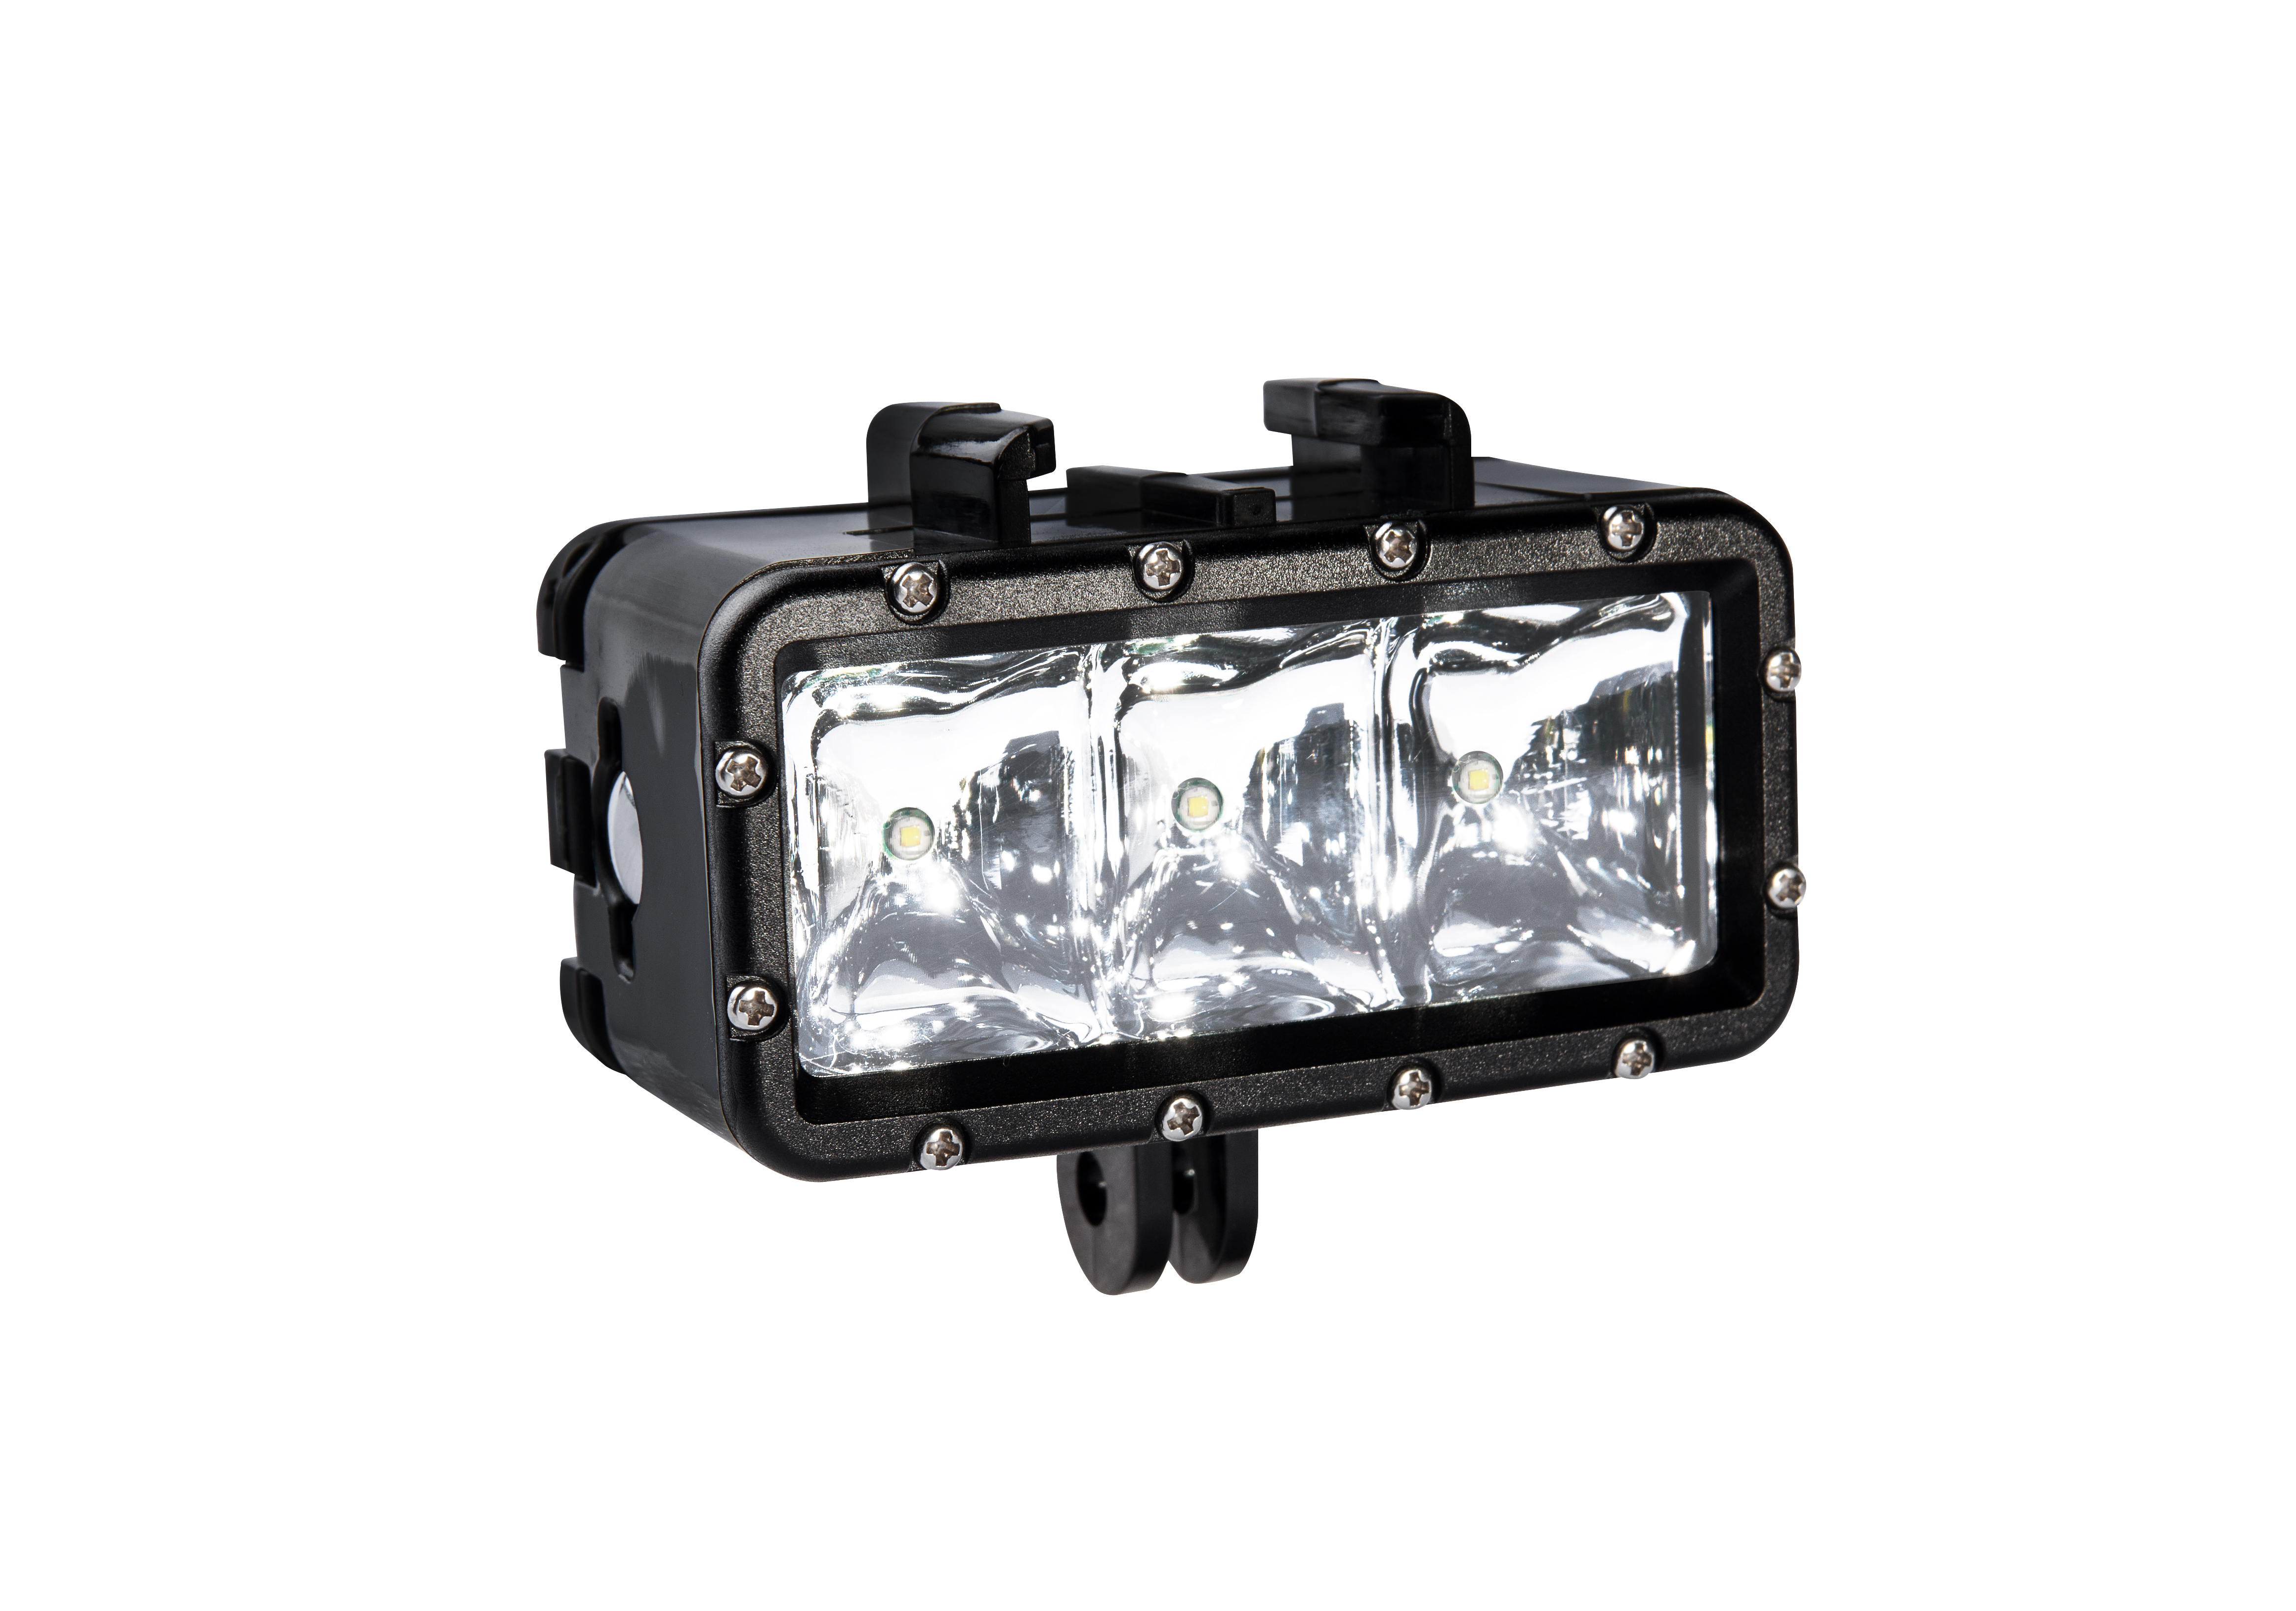 Entfernungsmesser Bresser : Bresser action cam led leuchte